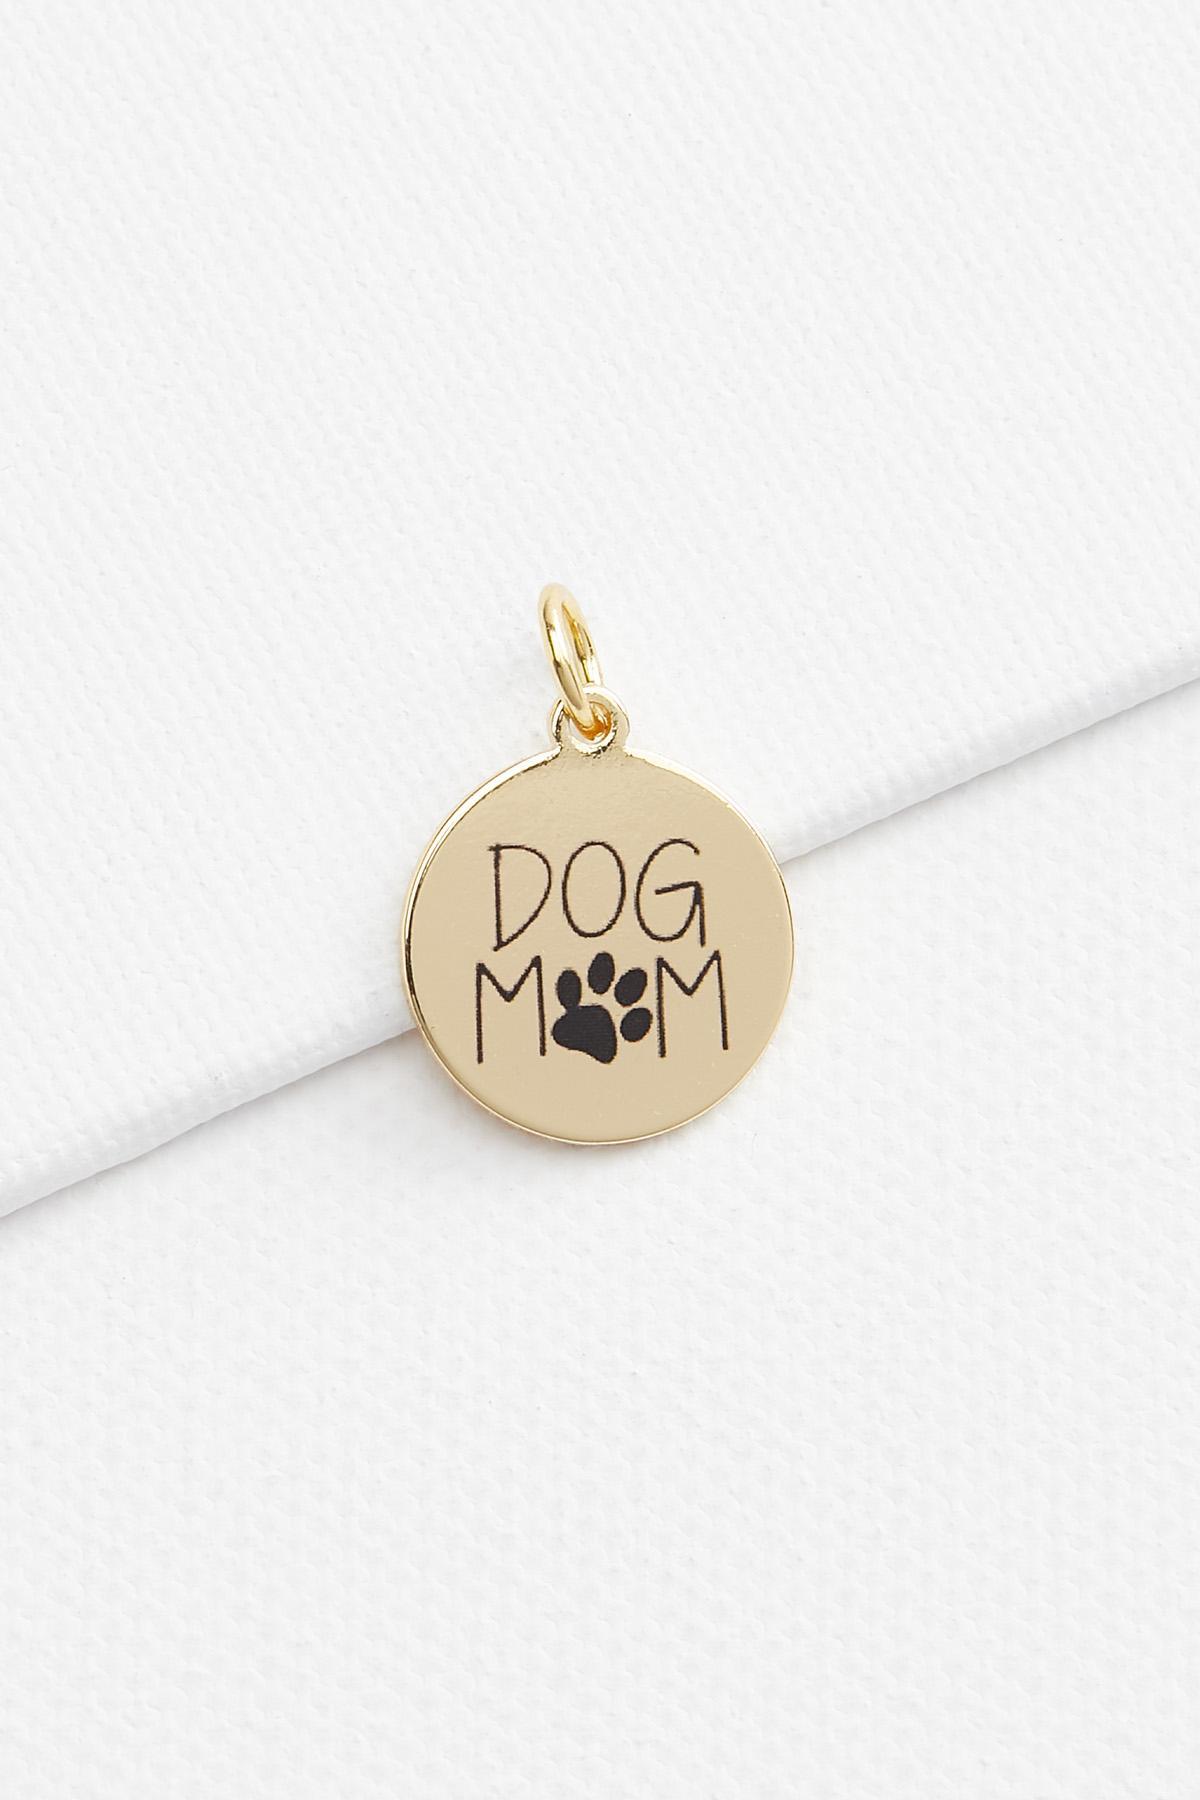 Dog Mom 18k Charm